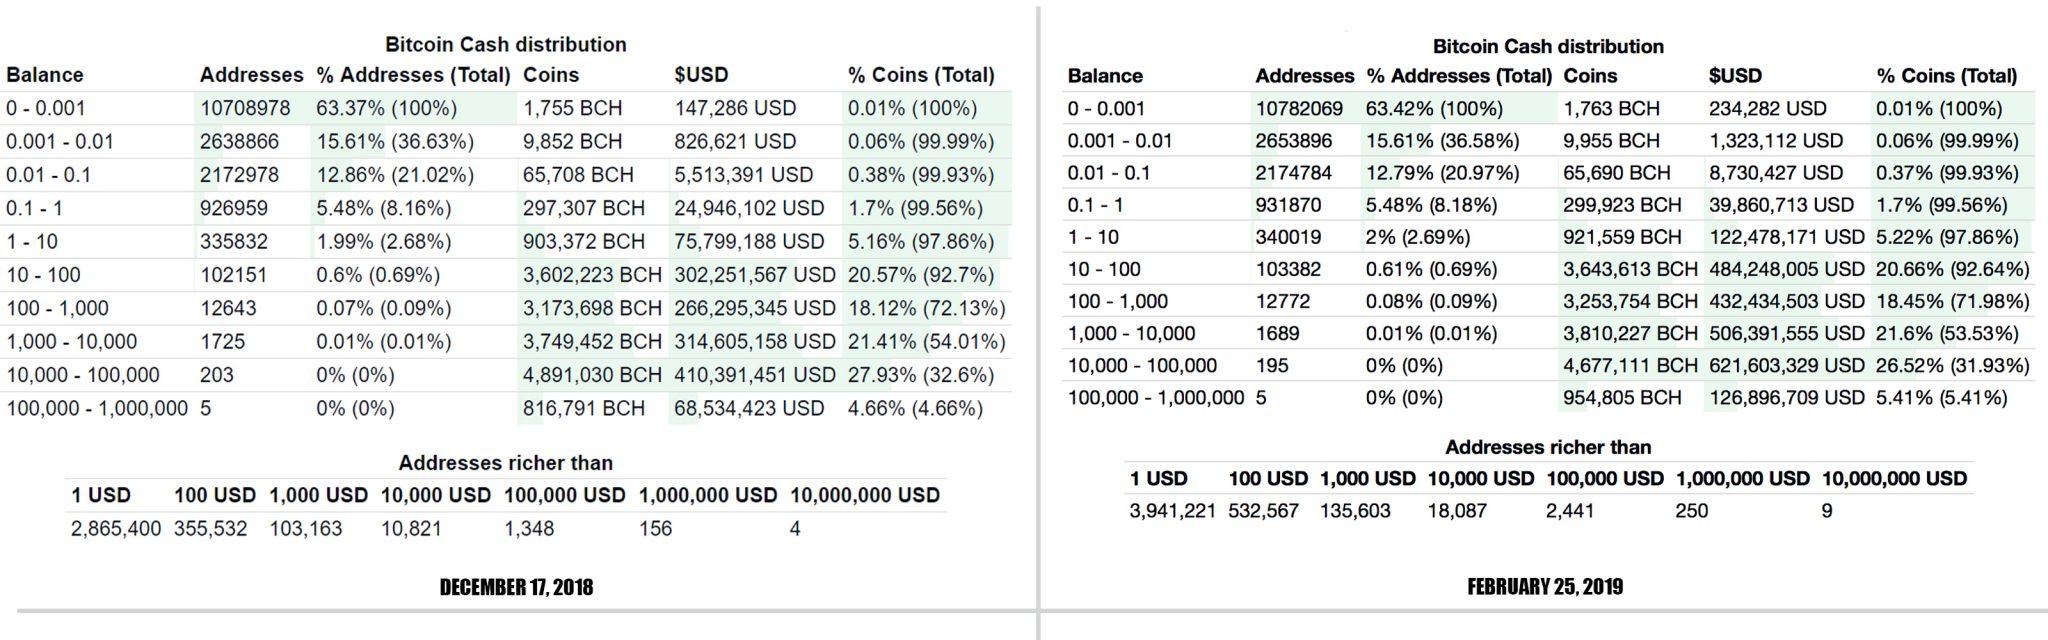 Самые крупные биткоин-адреса